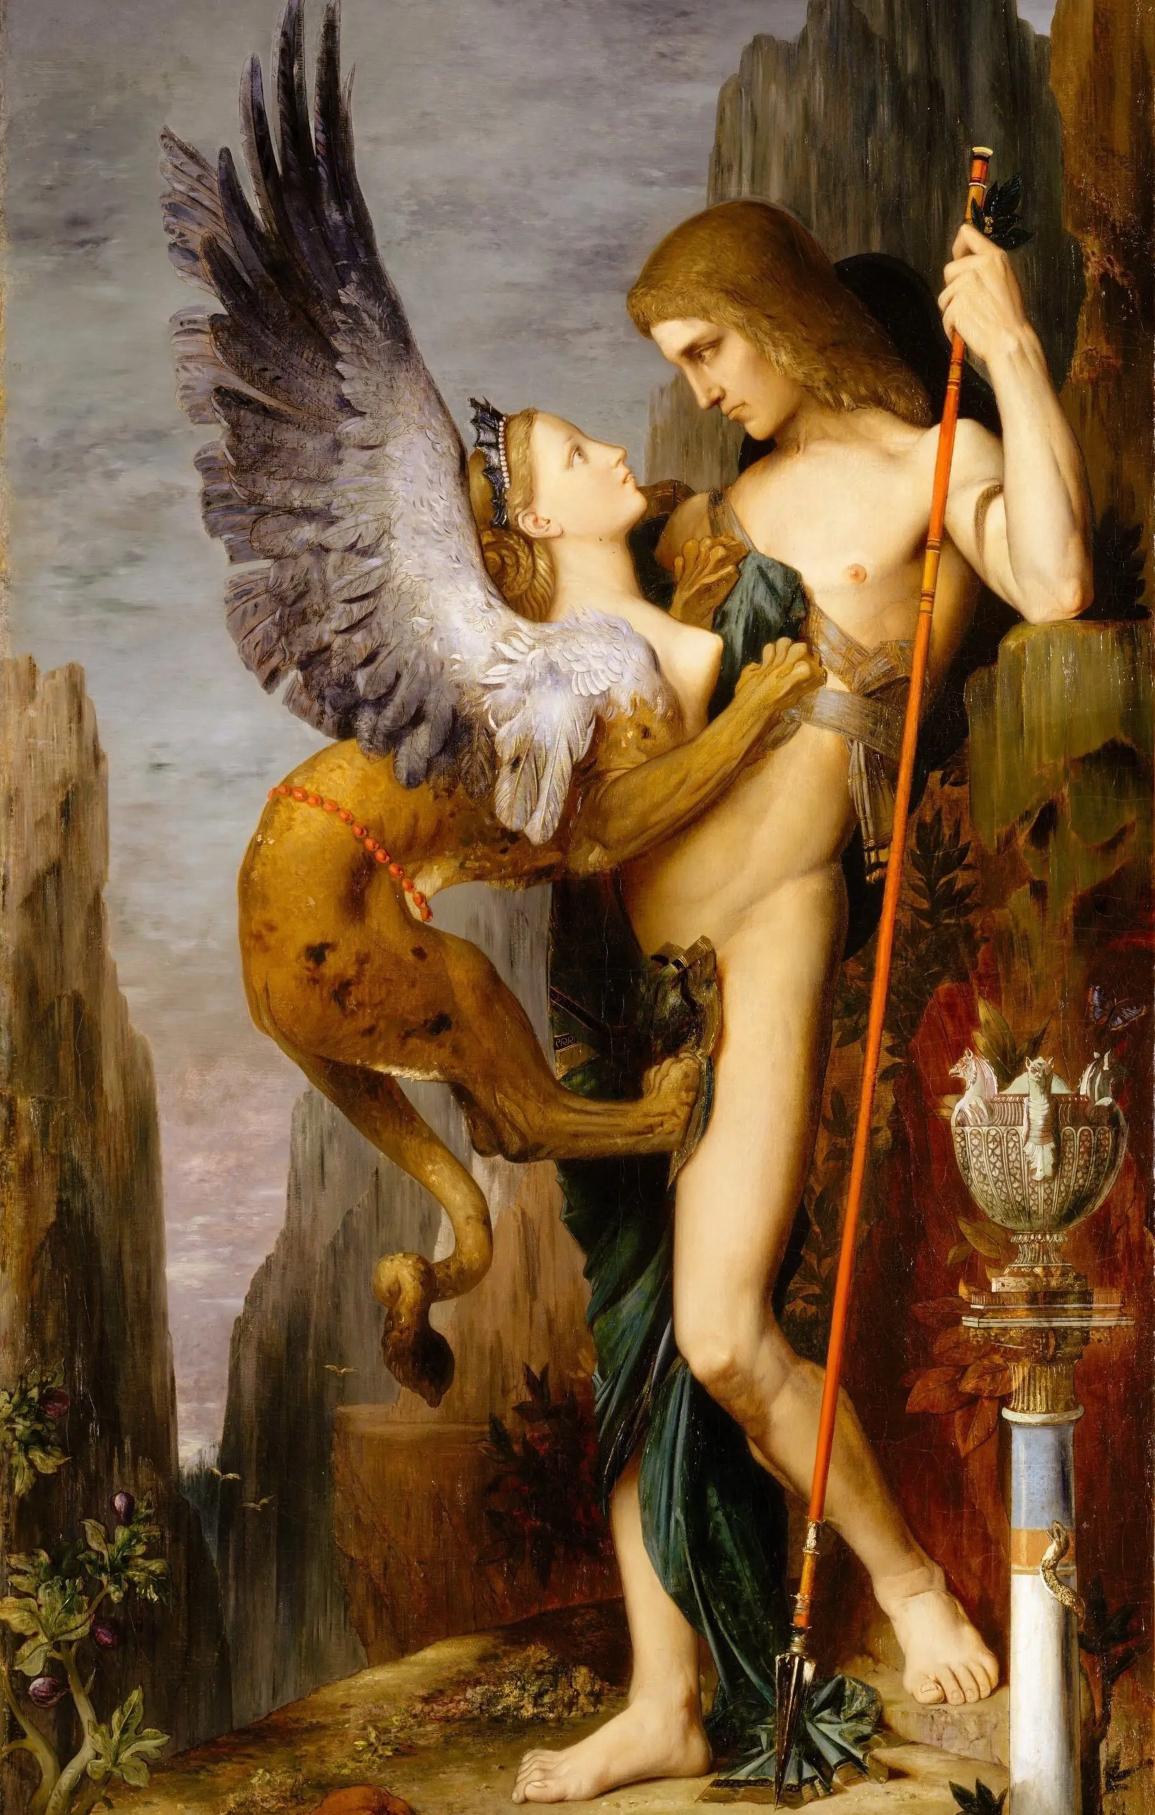 Эдип и Сфинкс. Художник Г. Моро, 1864 г.